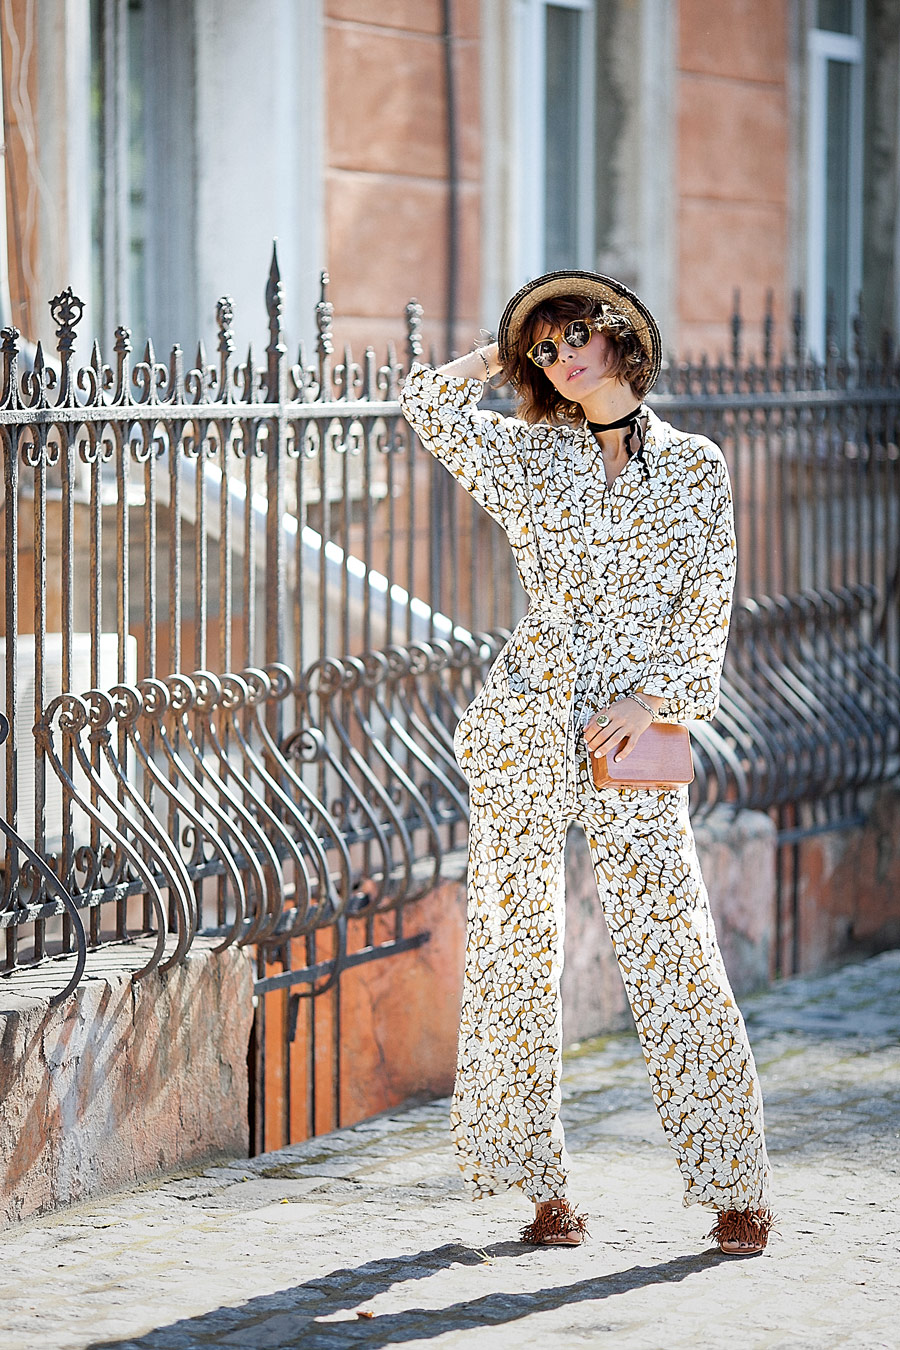 пижамный тренд, как носить пижаму на улицу, пижамный стиль в одежде,